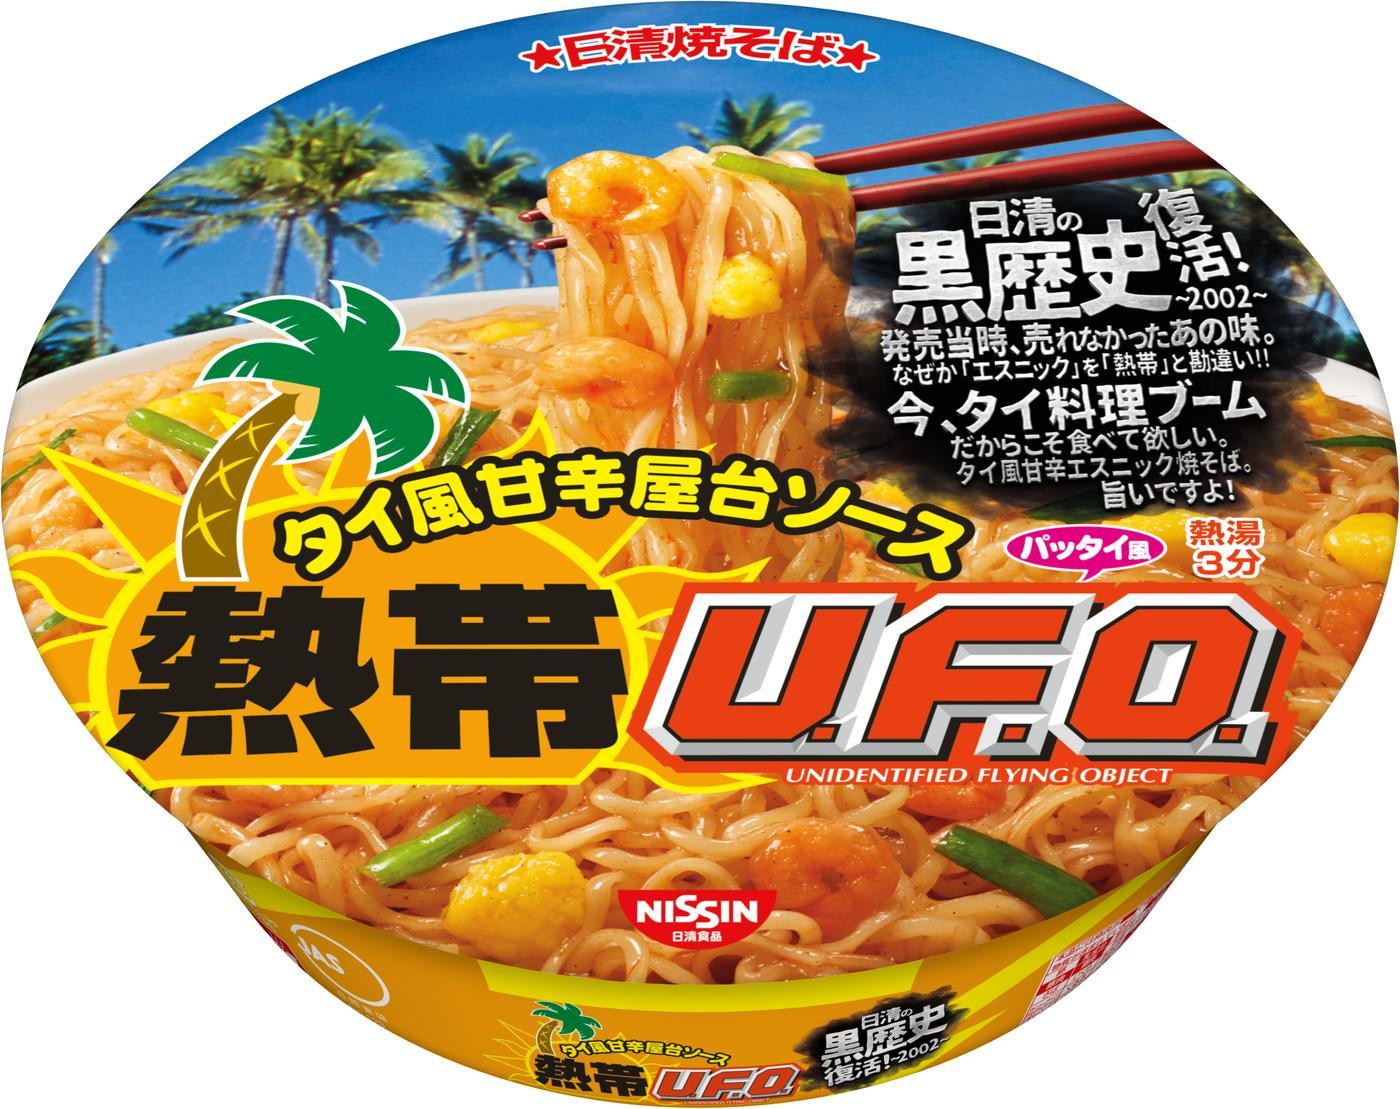 日清-黒歴史-熱帯U.F.O.